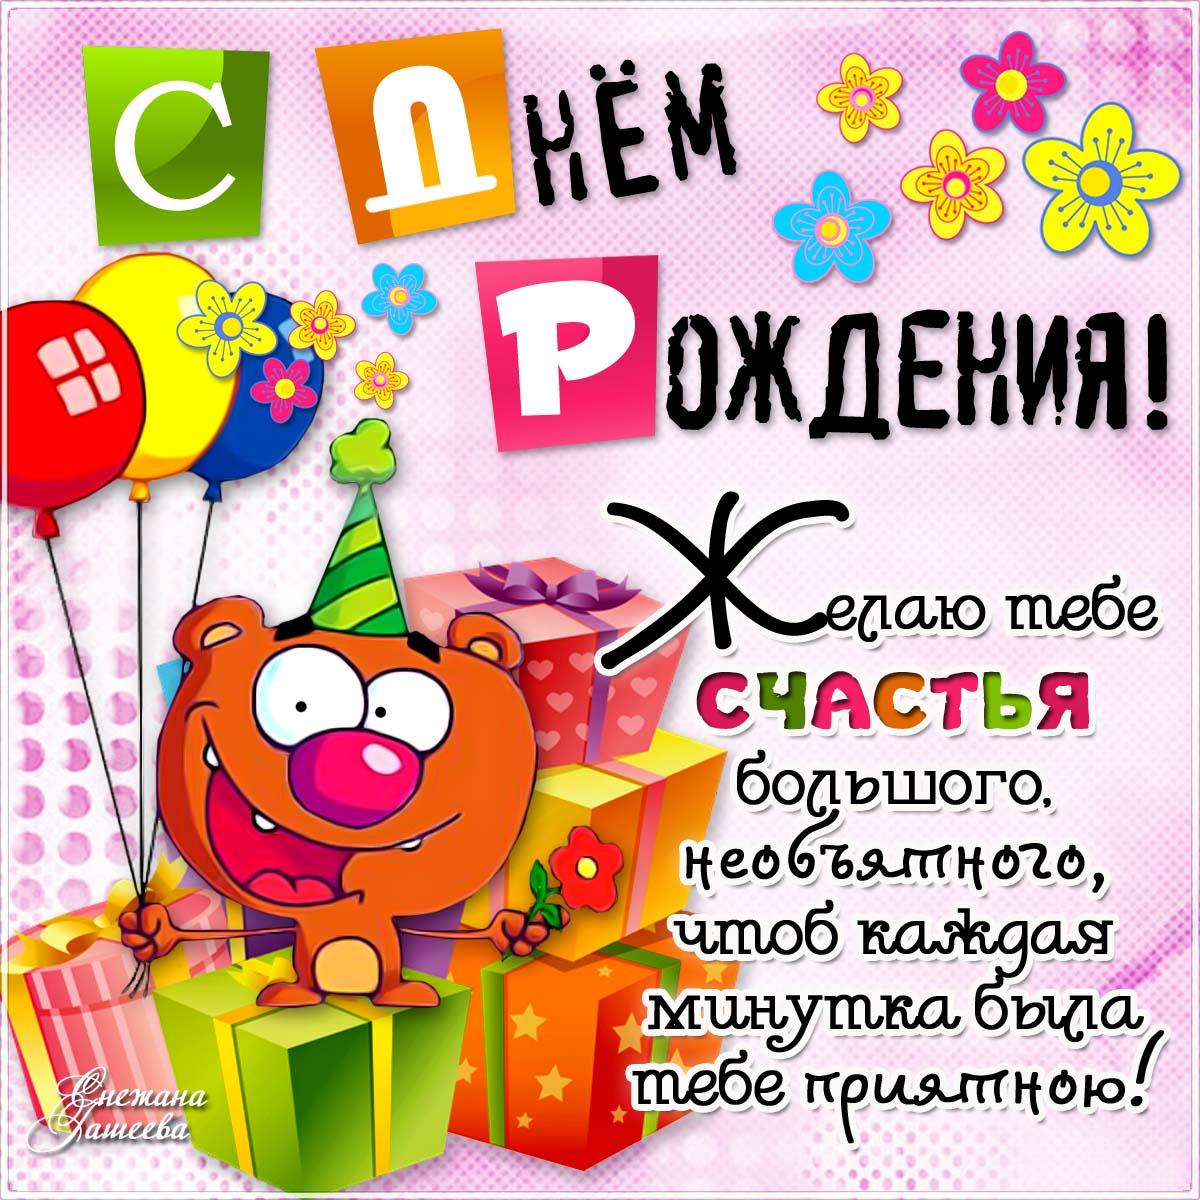 С днем рождения поздравления со стебом